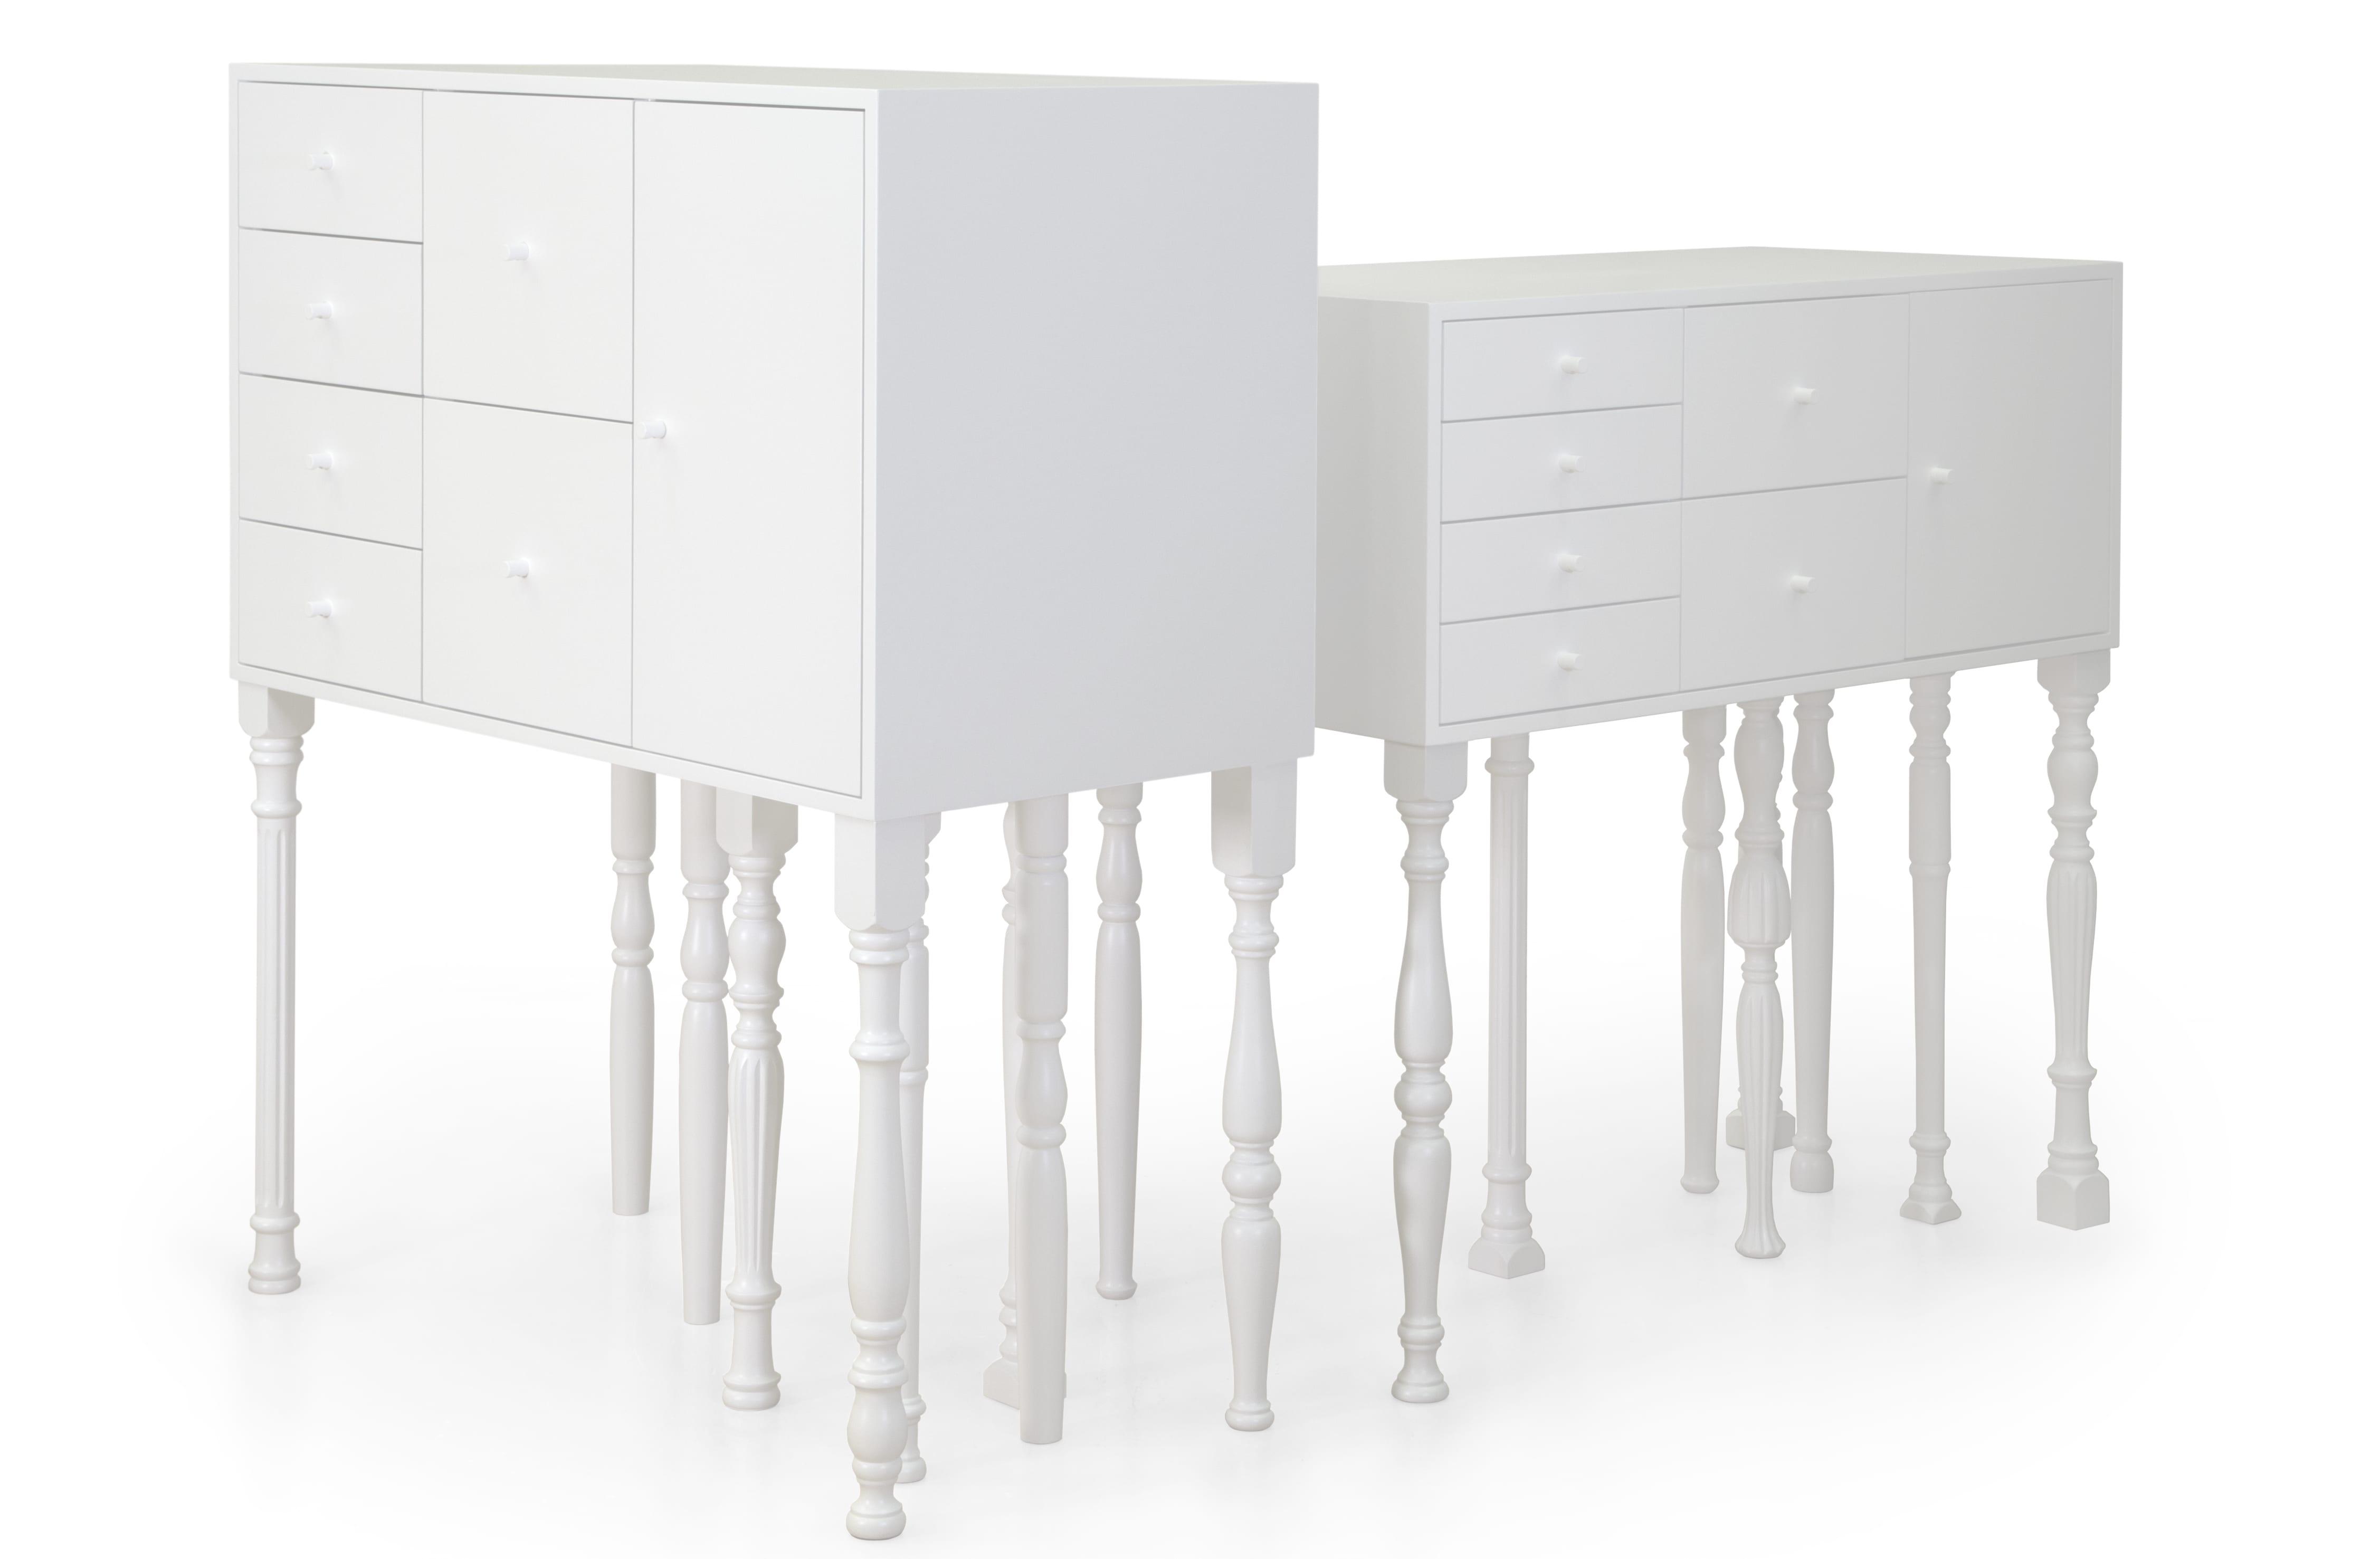 schicke sideboard aus Holz in weiß als moderne Einrichtungsidee